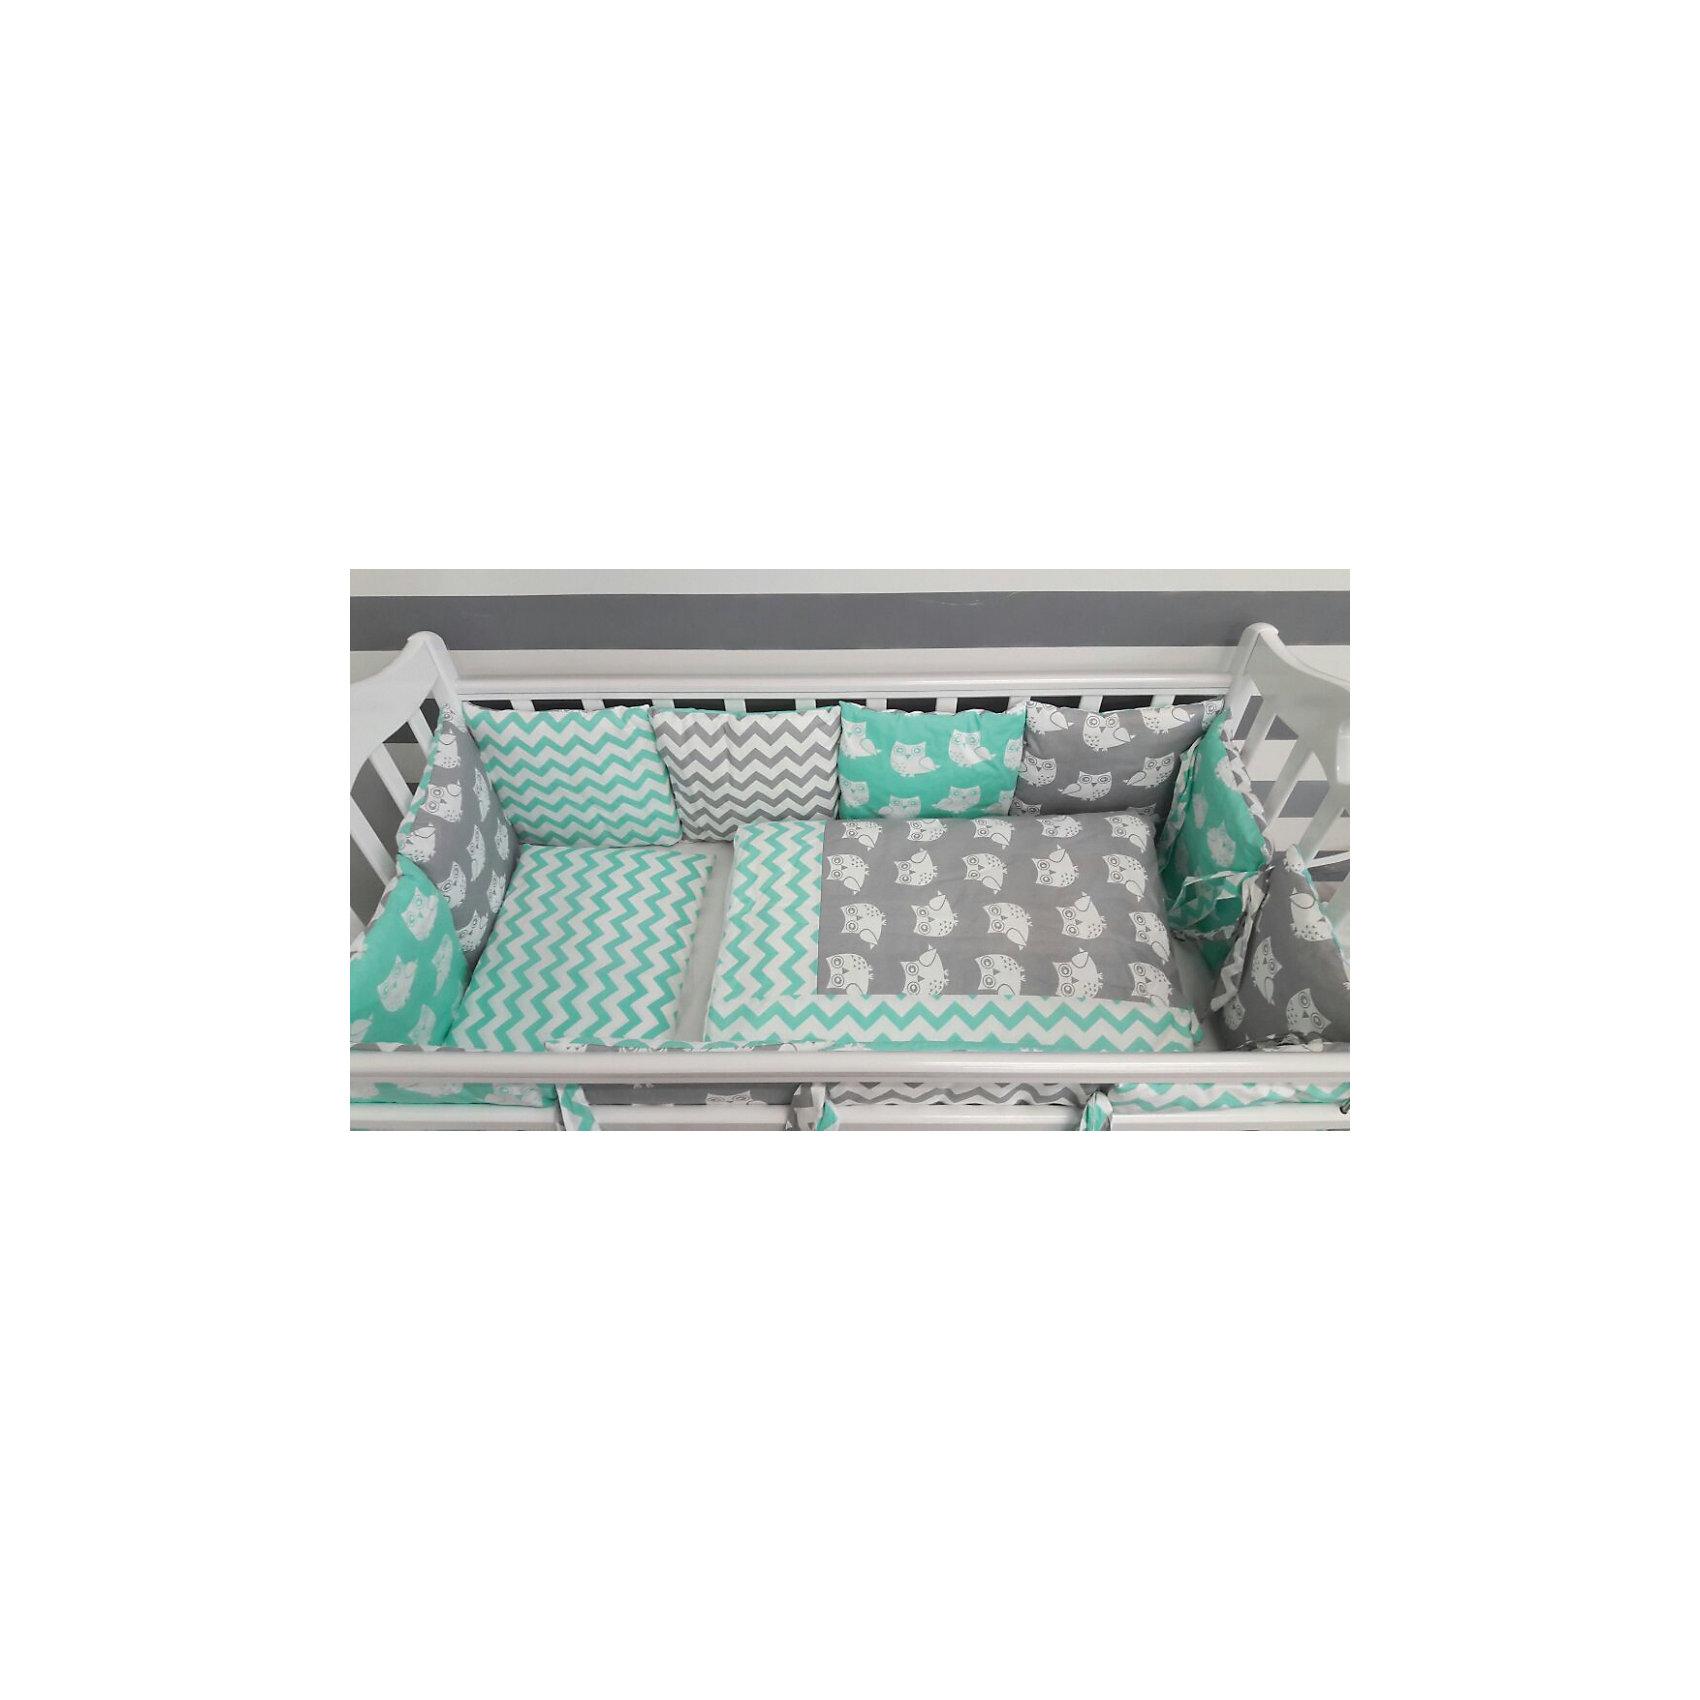 Постельное белье Совы 6 пред., by Twinz, мятныйПостельное бельё<br>Характеристики:<br><br>• Вид домашнего текстиля: постельное белье<br>• Тип постельного белья по размерам: детское<br>• Пол: универсальный<br>• Материал: сатин, 100% <br>• Наполнитель одеяла и подушки: холофайбер, 100% (лебяжий пух)<br>• Цвет: белый, мятный, серый<br>• Тематика рисунка: совы, звездочки<br>• Комплектация: <br> бортики-подушки 59*44 см – 6 шт.<br> наволочки на бортики 60*45 см – 6 шт.<br> пододеяльник 105*145 см – 1 шт. <br> одеяло 100*140 см – 1 шт. <br> простынь на резинке 125*65 см – 1 шт. <br> подушка 35*45 см – 1 шт. <br> наволочка 36*46 см – 1 шт. <br>• Сособ крепления бортиков ук кроватке: завязки<br>• Съемные наволочки у бортиков на молнии <br>• Вес в упаковке: 3 кг<br>• Размеры упаковки (Д*Ш*В): 58*18*58 см<br>• Особенности ухода: машинная стирка при температуре 30 градусов без использования отбеливающих веществ<br><br>Постельное белье Совята 6 пред., by Twinz, мятный изготовлено под отечественным торговым брендом, выпускающим текстиль и мебель из натуральных материалов для новорожденных и детей. Комплект состоит из шести предметов: одеяла, подушки, пододеяльника, простыни, наволочки и комплекта бортиков. <br><br>Размер изделий подходит для деткских кроваток классических моделей размером 100*60 см и 125*65 см. Комплект выполнен из сатина, который обладает мягкостью, гигроскопичностью, гипоаллергенностью, прочностью полотна и яркостью расцветок. Тщательно выполненные внутренние швы на изделиях обеспечивают постельному белью длительный срок службы и защиту от деформации даже при частых стирках. Для одеяла, подушки и бортиков использован экологически безопасный и не вызывающий аллергии искусственное волокно – холлофайбер. <br><br>Комплект бортиков состоит из 6-ти подушек с наволочками на молниях. Подушки фиксируются к кроватке с помощью завязок. Простынь за счет резинок хорошо фиксируется на матрасике, что препятствует ее сползанию и сбиванию даже во время беспокойного сна. Постел